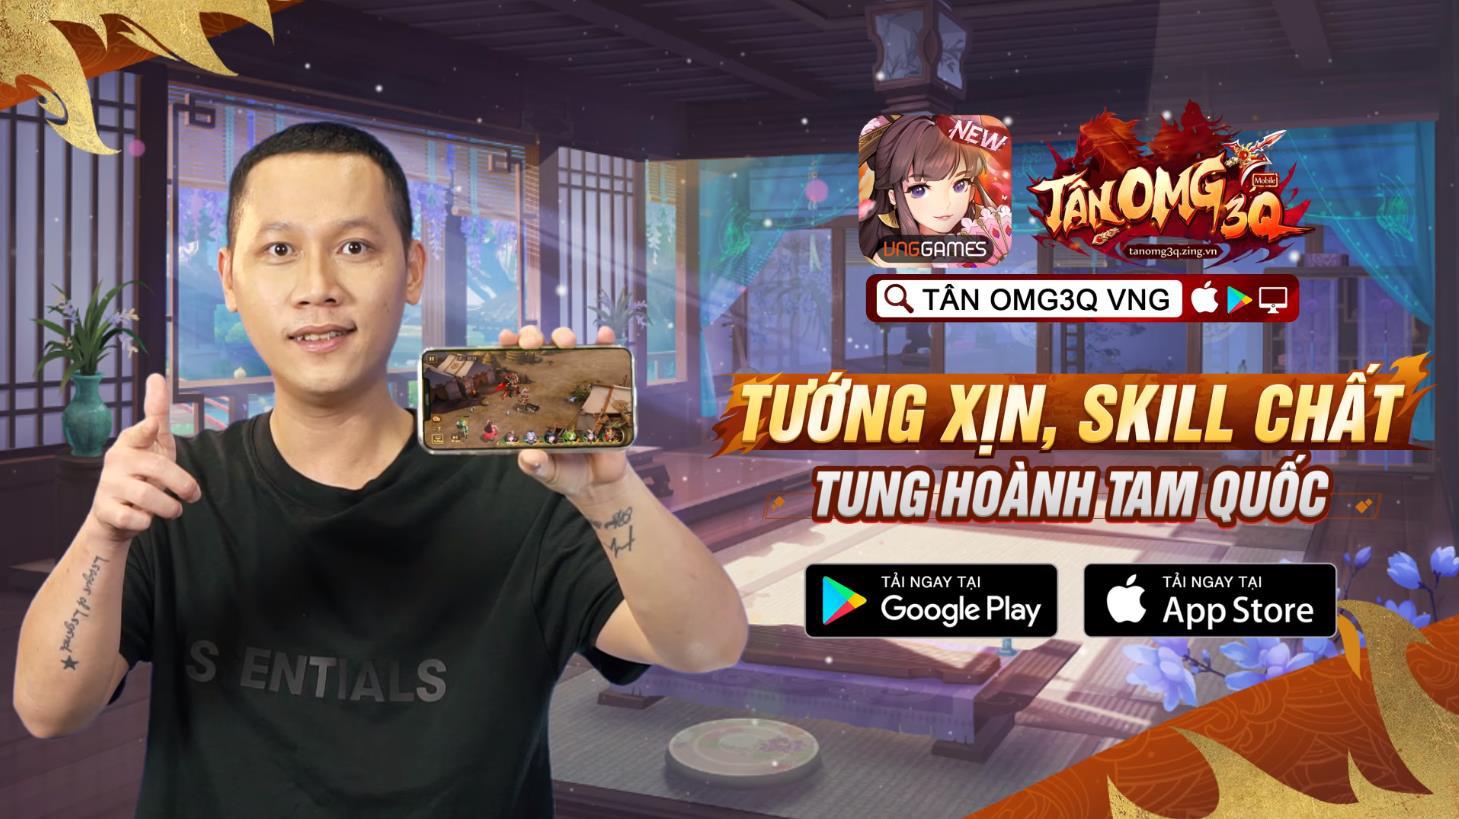 Từ làng streamer đến giới showbiz, các hot boy, hot girl đều thành fan của game chiến thuật Tân OMG3Q VNG - Ảnh 1.